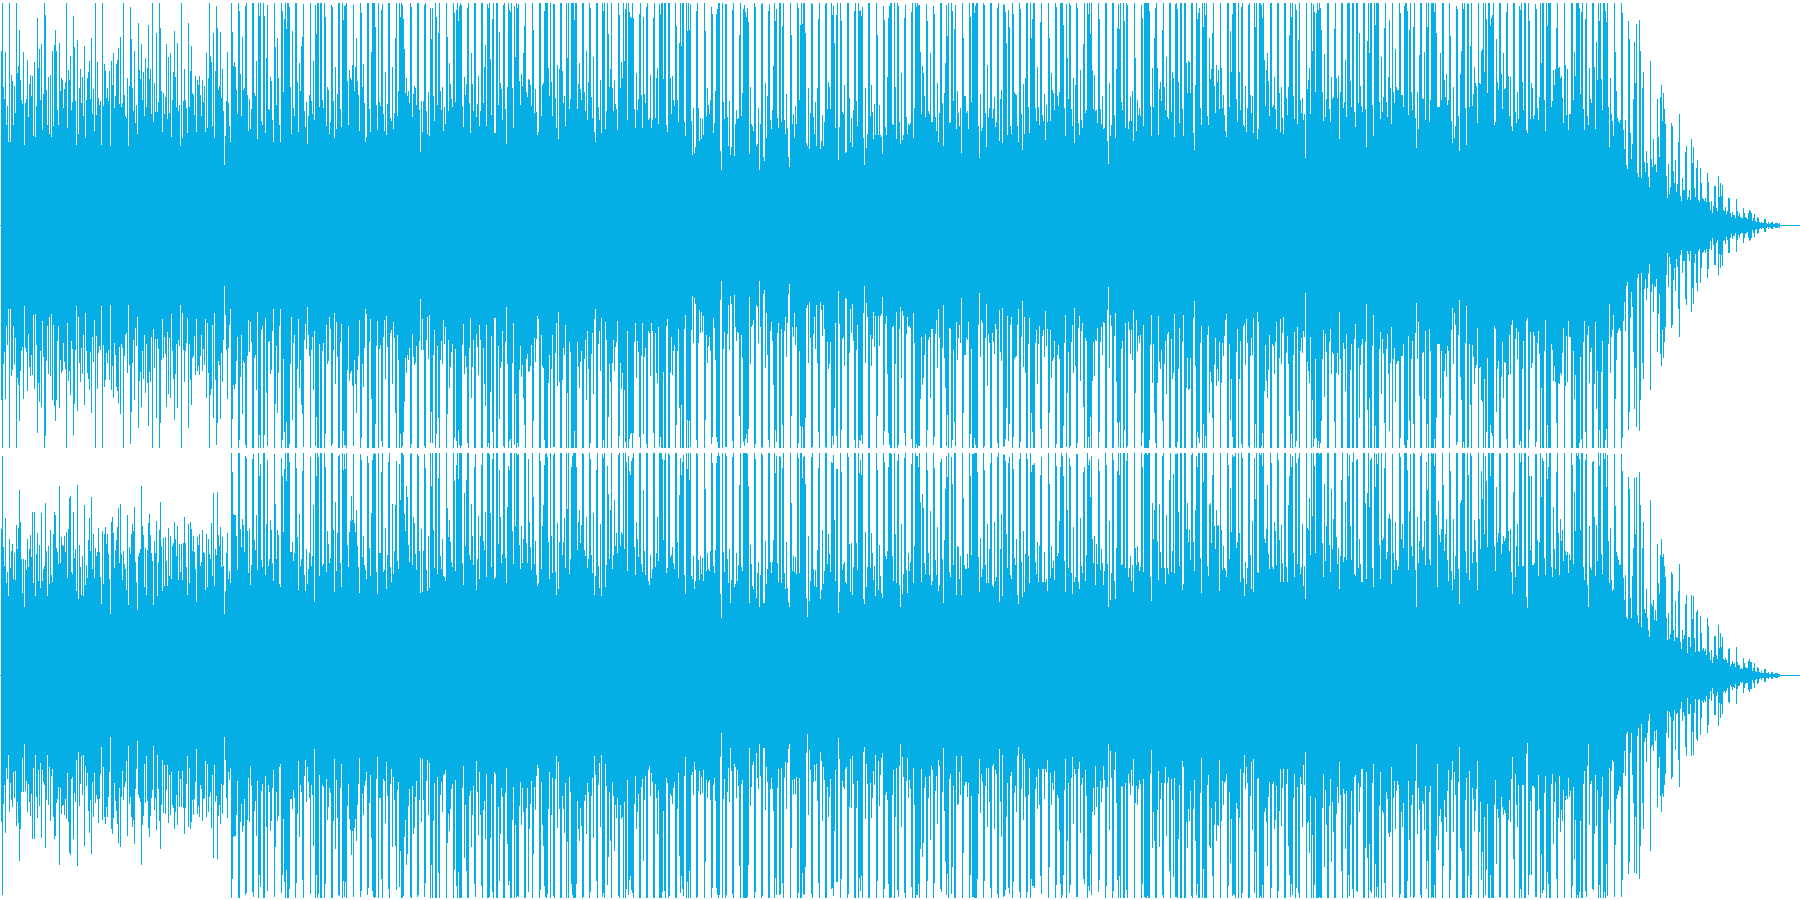 コンピューターグラフィックなどに合う曲の再生済みの波形